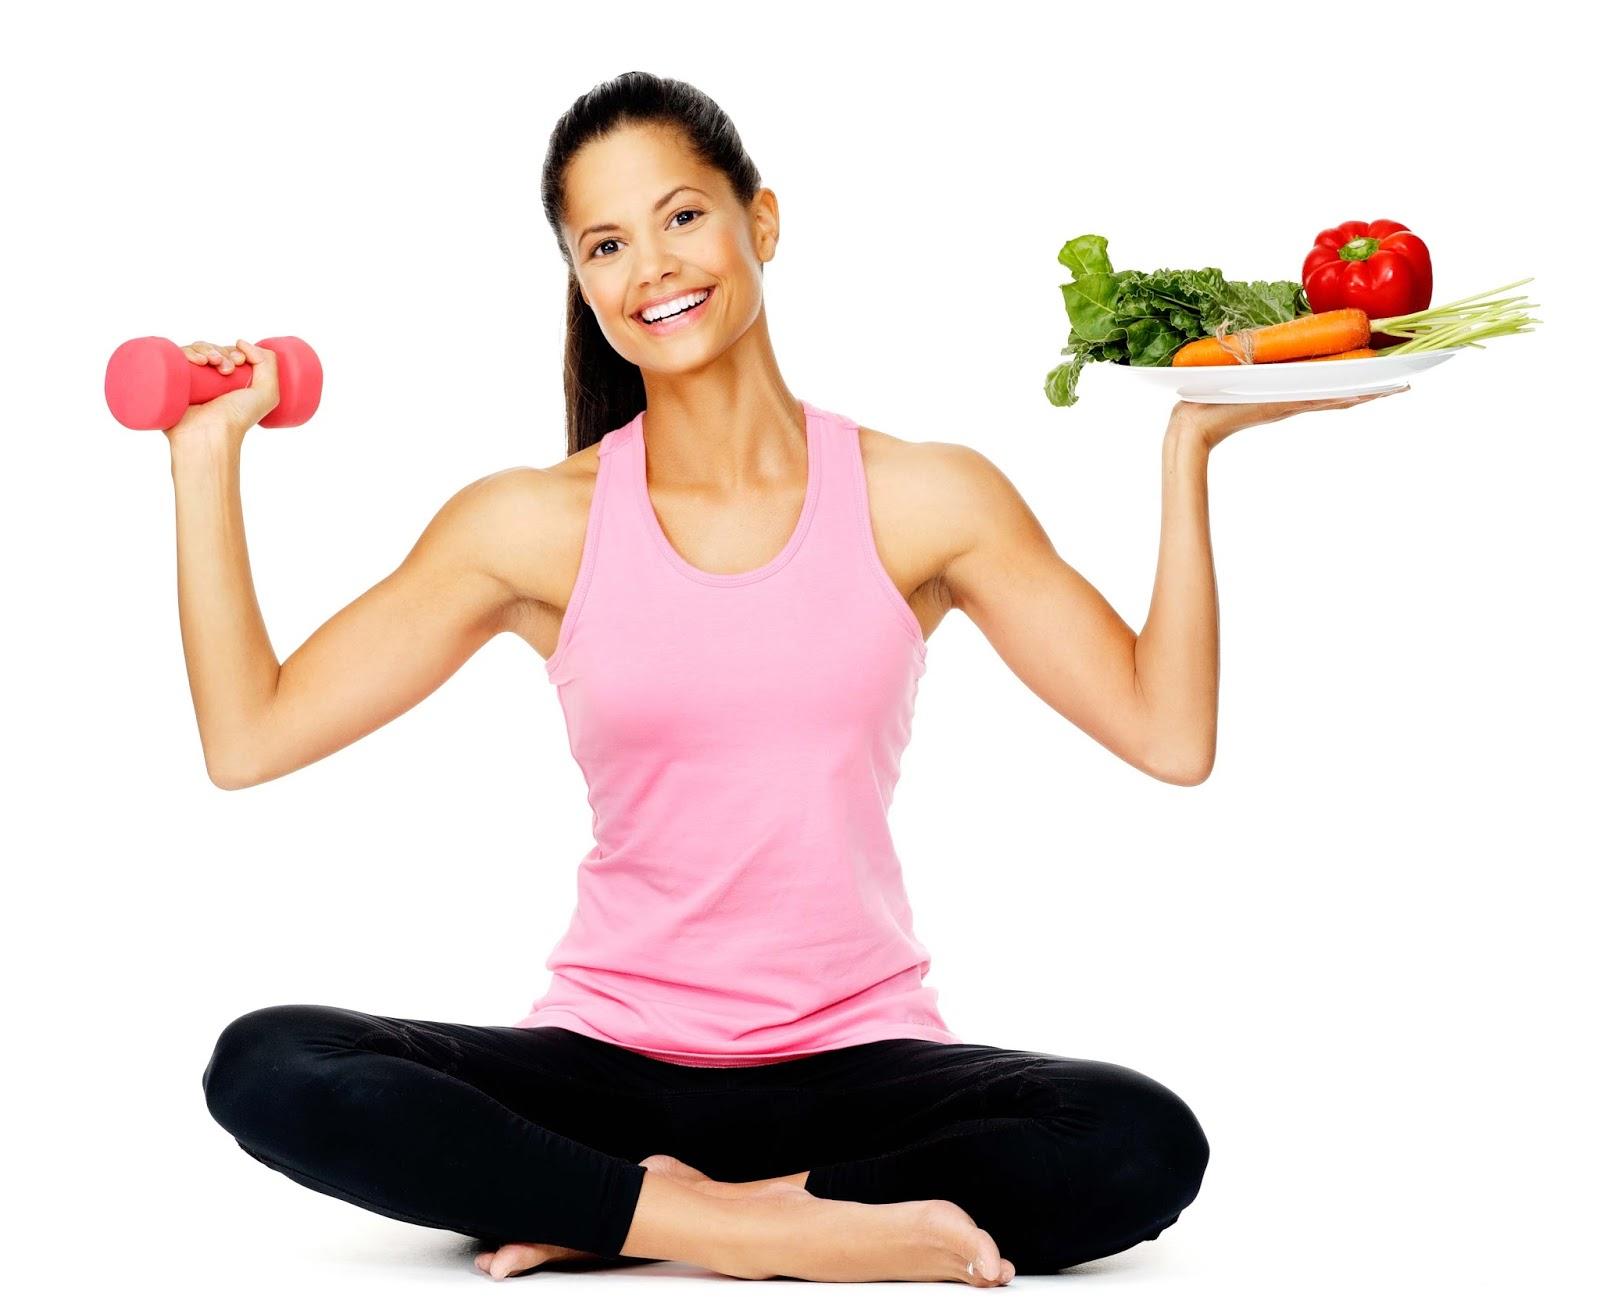 la importancia del deporte y la alimentación sana